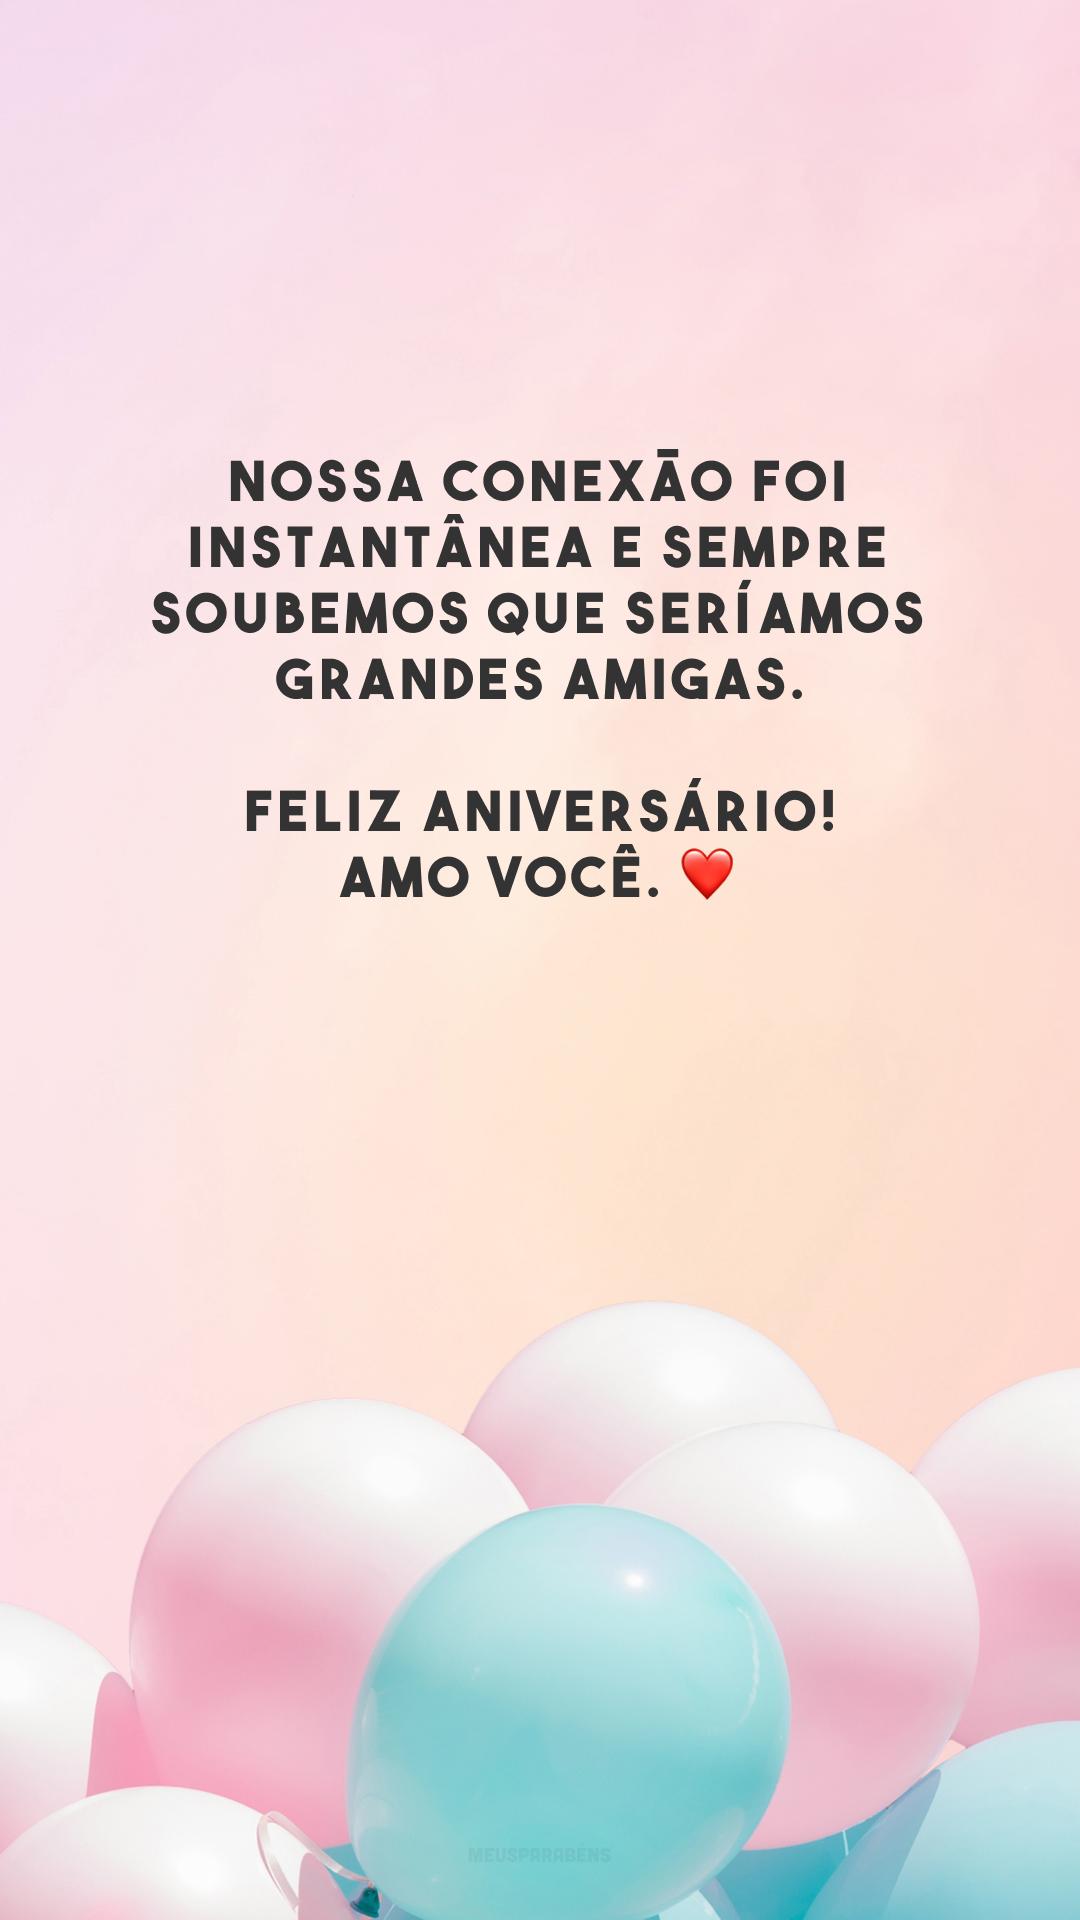 Nossa conexão foi instantânea e sempre soubemos que seríamos grandes amigas. Feliz aniversário! Amo você. ❤️